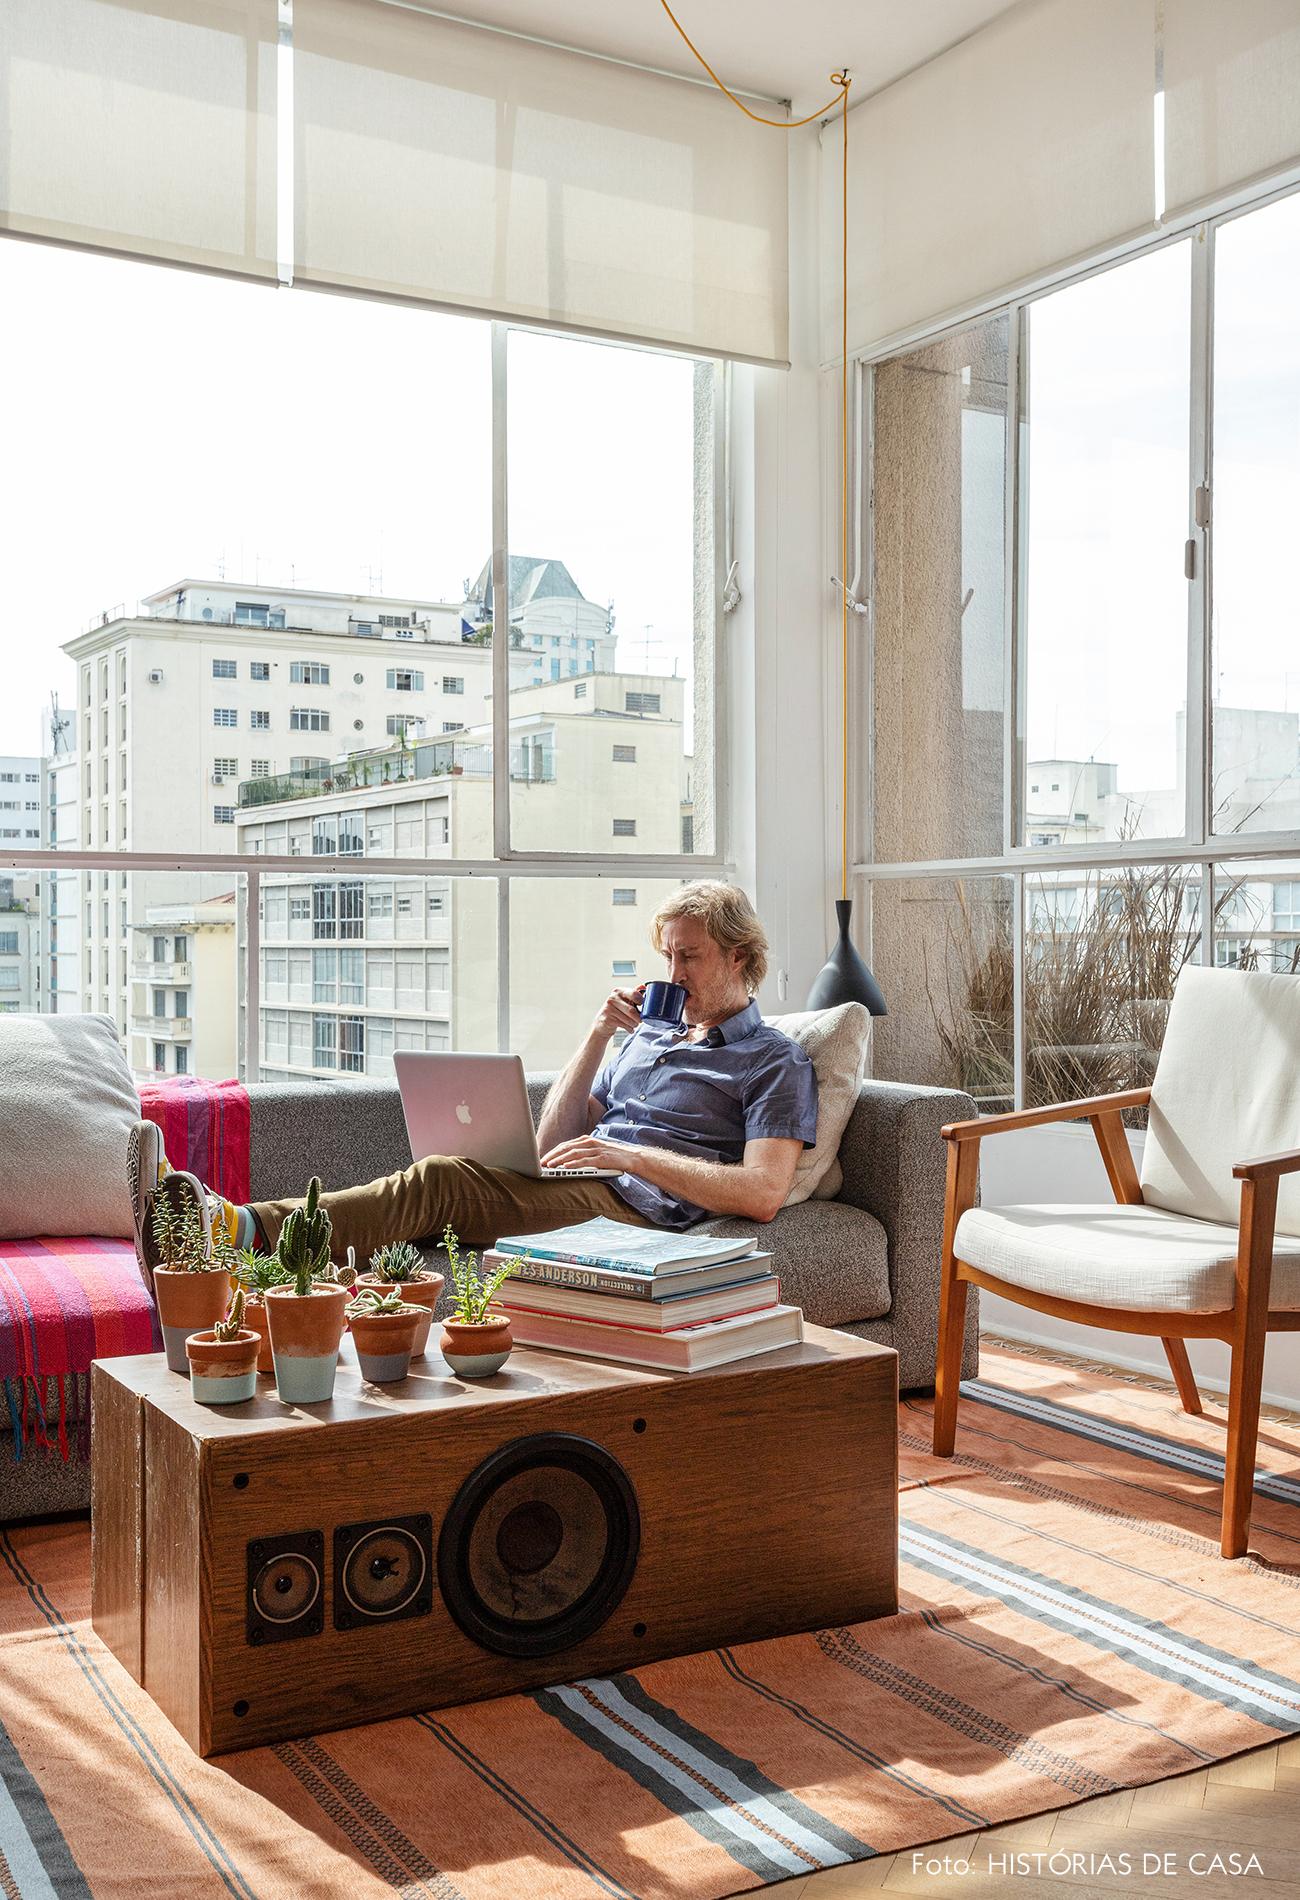 Apartamento com janelas de serralheria branca e piso de madeira